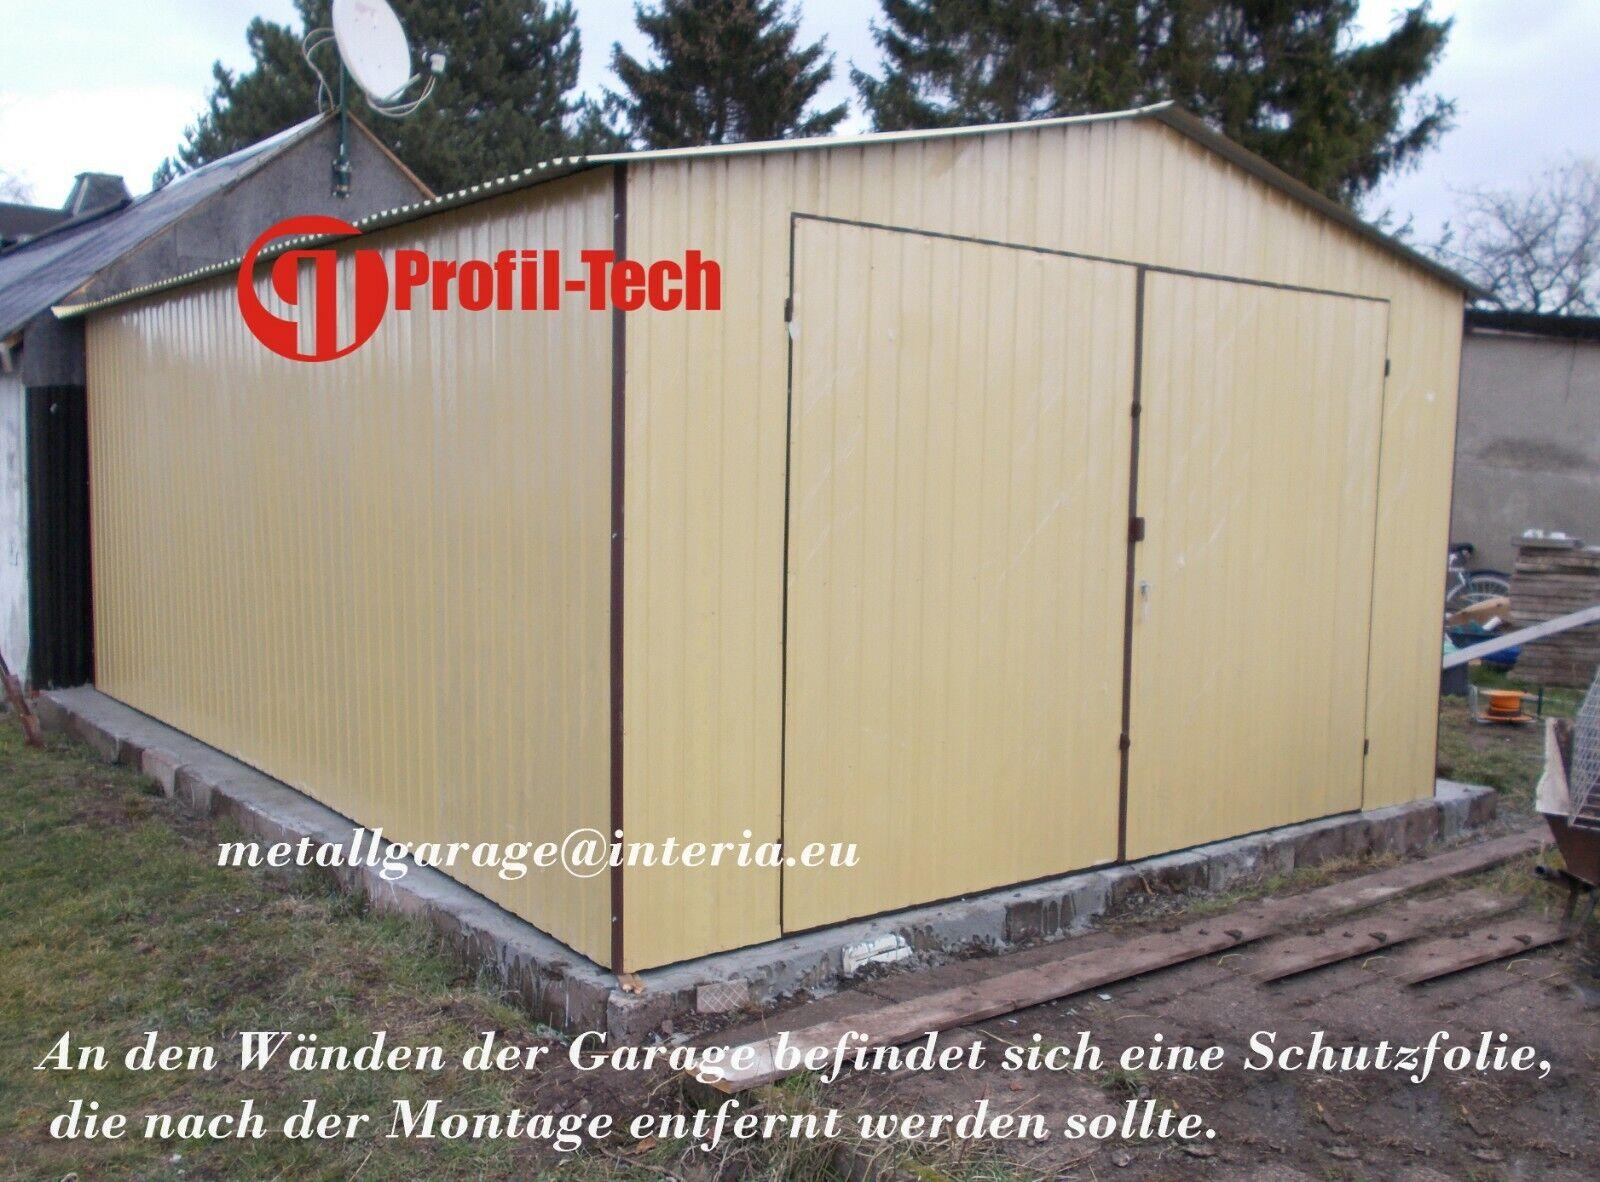 3,5x7 Blechgarage Fertiggarage Metallgarage LAGERRAUM GERÄTESCHUPPEN garage